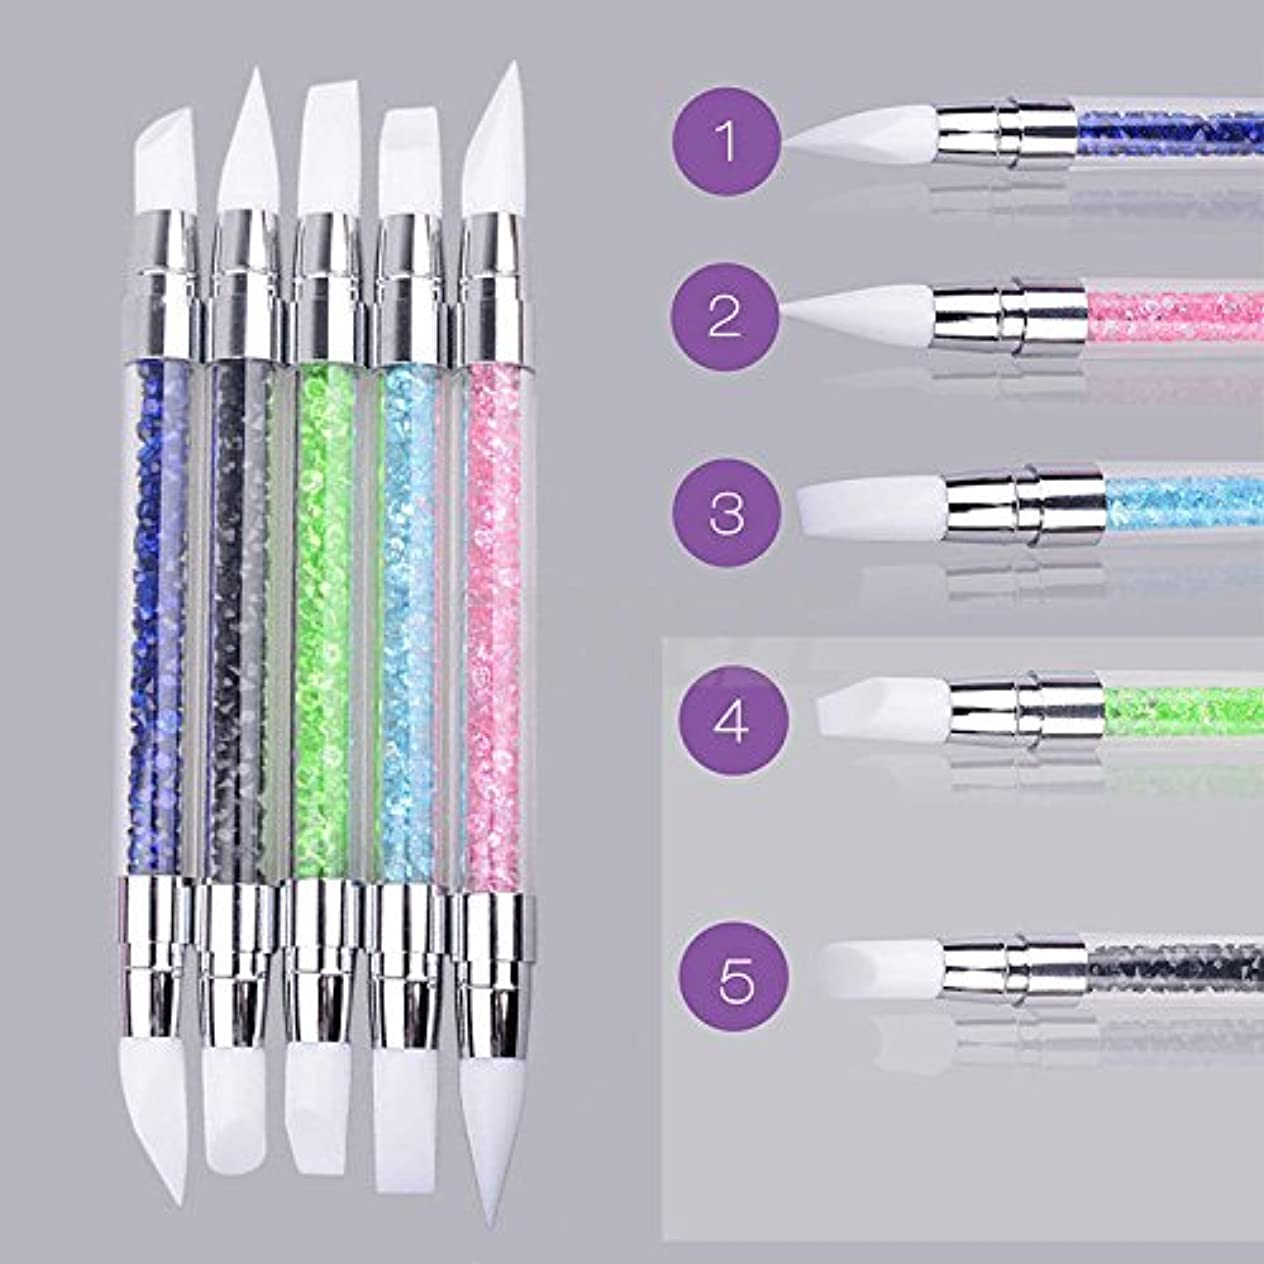 育成対立発生BEE&BLUE マニキュア ペン 両端 ネイル  3Dネイル ペイント メイク 美容用品